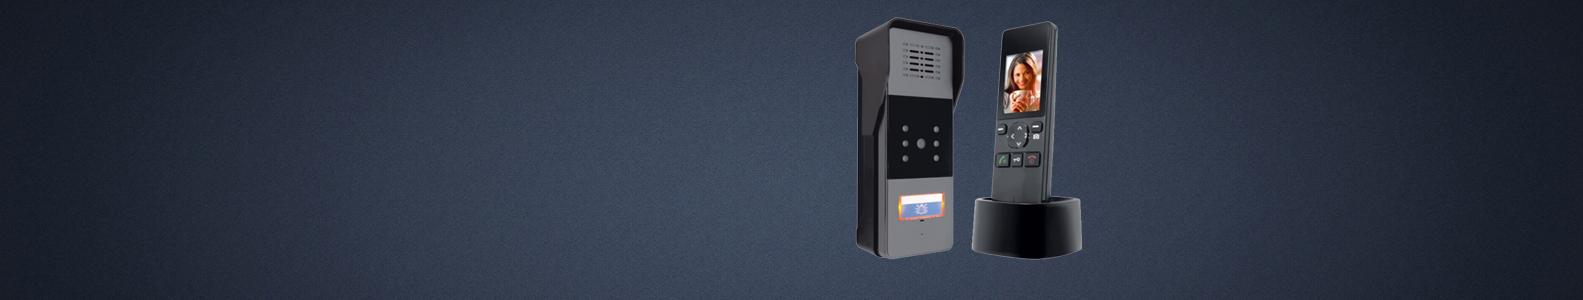 Telefonspynės  Profesionalūs sprendimai ieškantiems įėjimo stebėjimo ir kontrolės sistemų